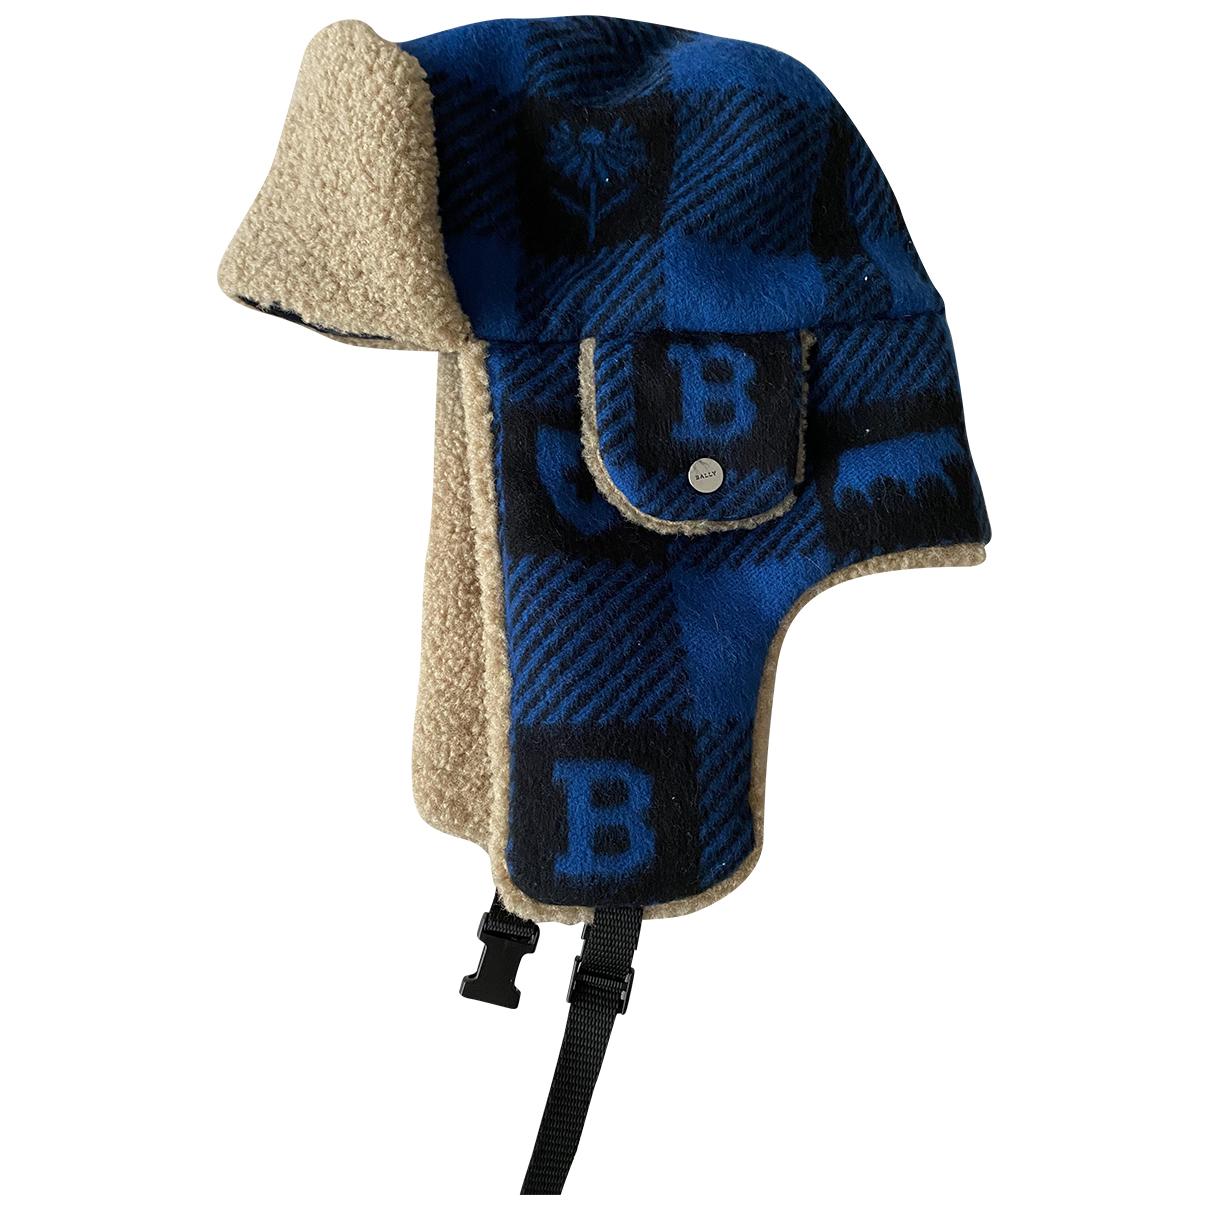 Bally - Chapeau & Bonnets   pour homme en laine - multicolore